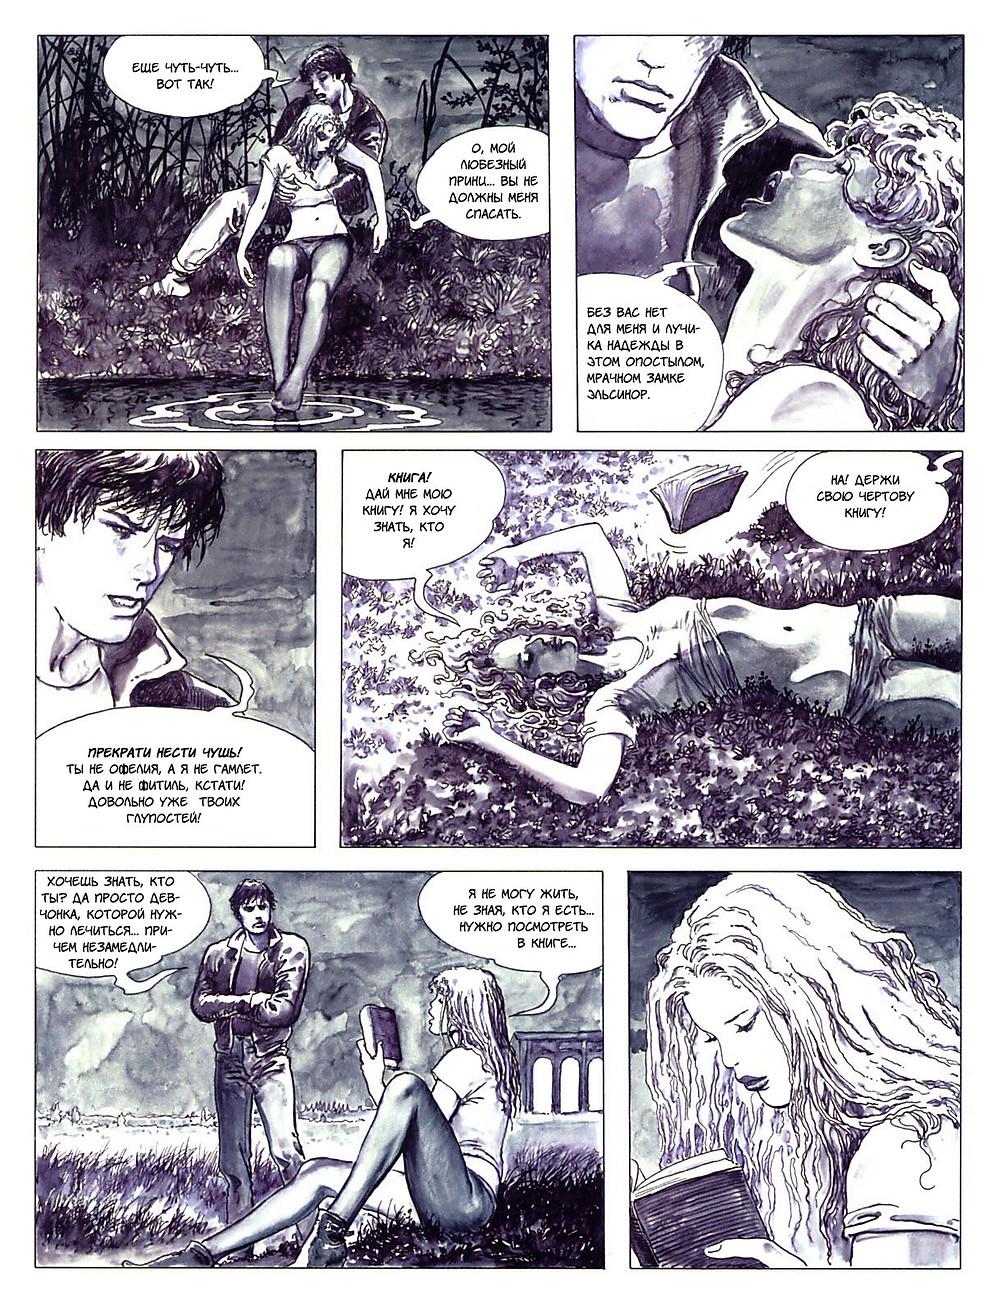 Эротический Комикс на русском. Мило Манара. Увидеть Звезды. стр.6